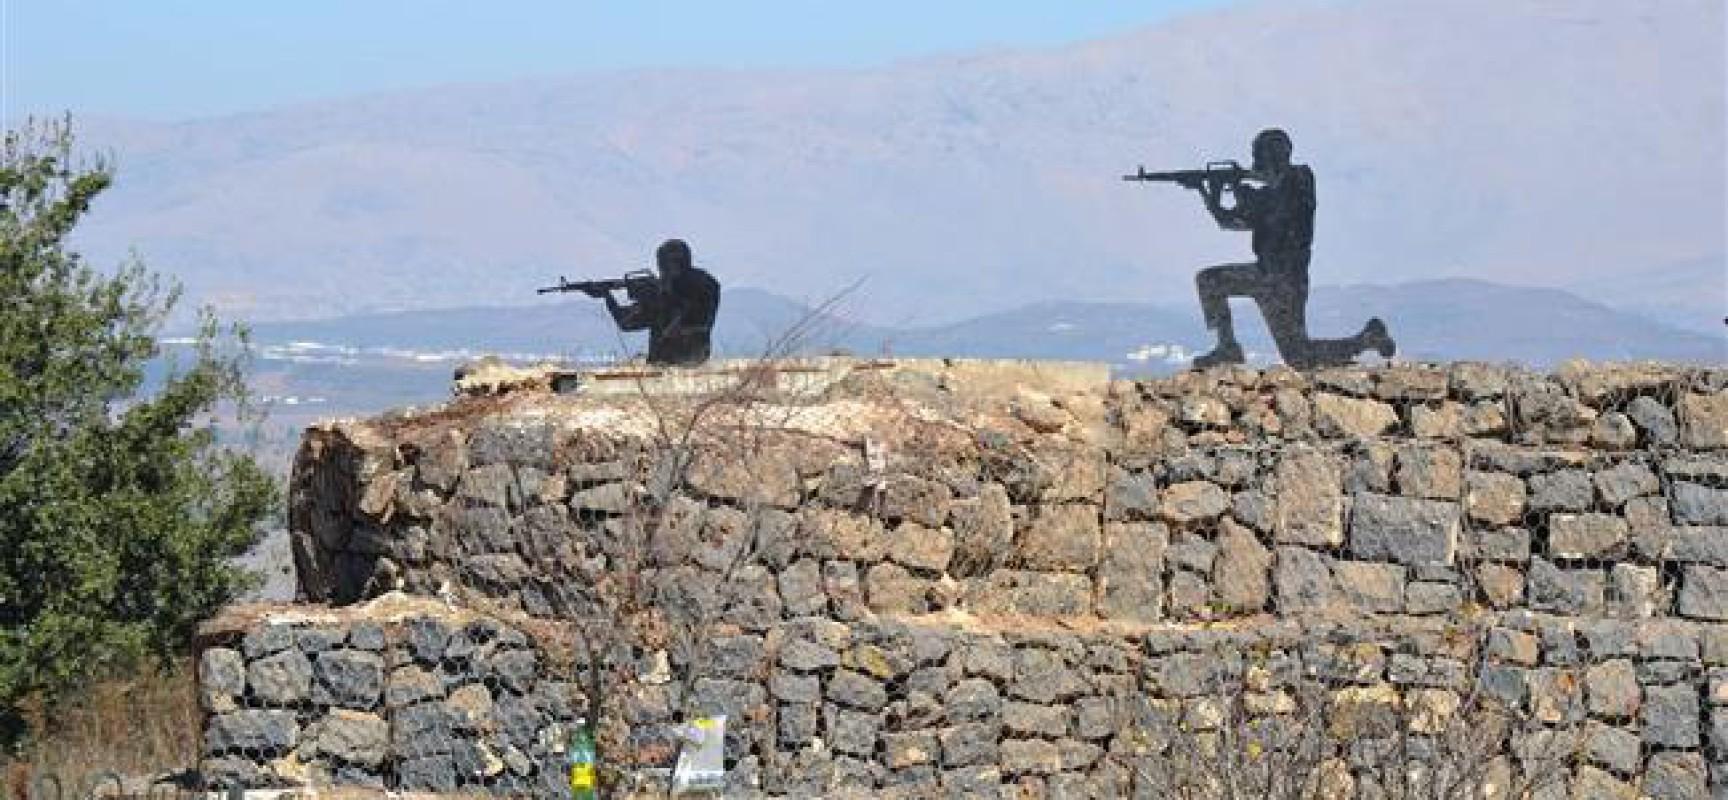 Israël disparaîtra dans moins de 25 ans (Eldor)